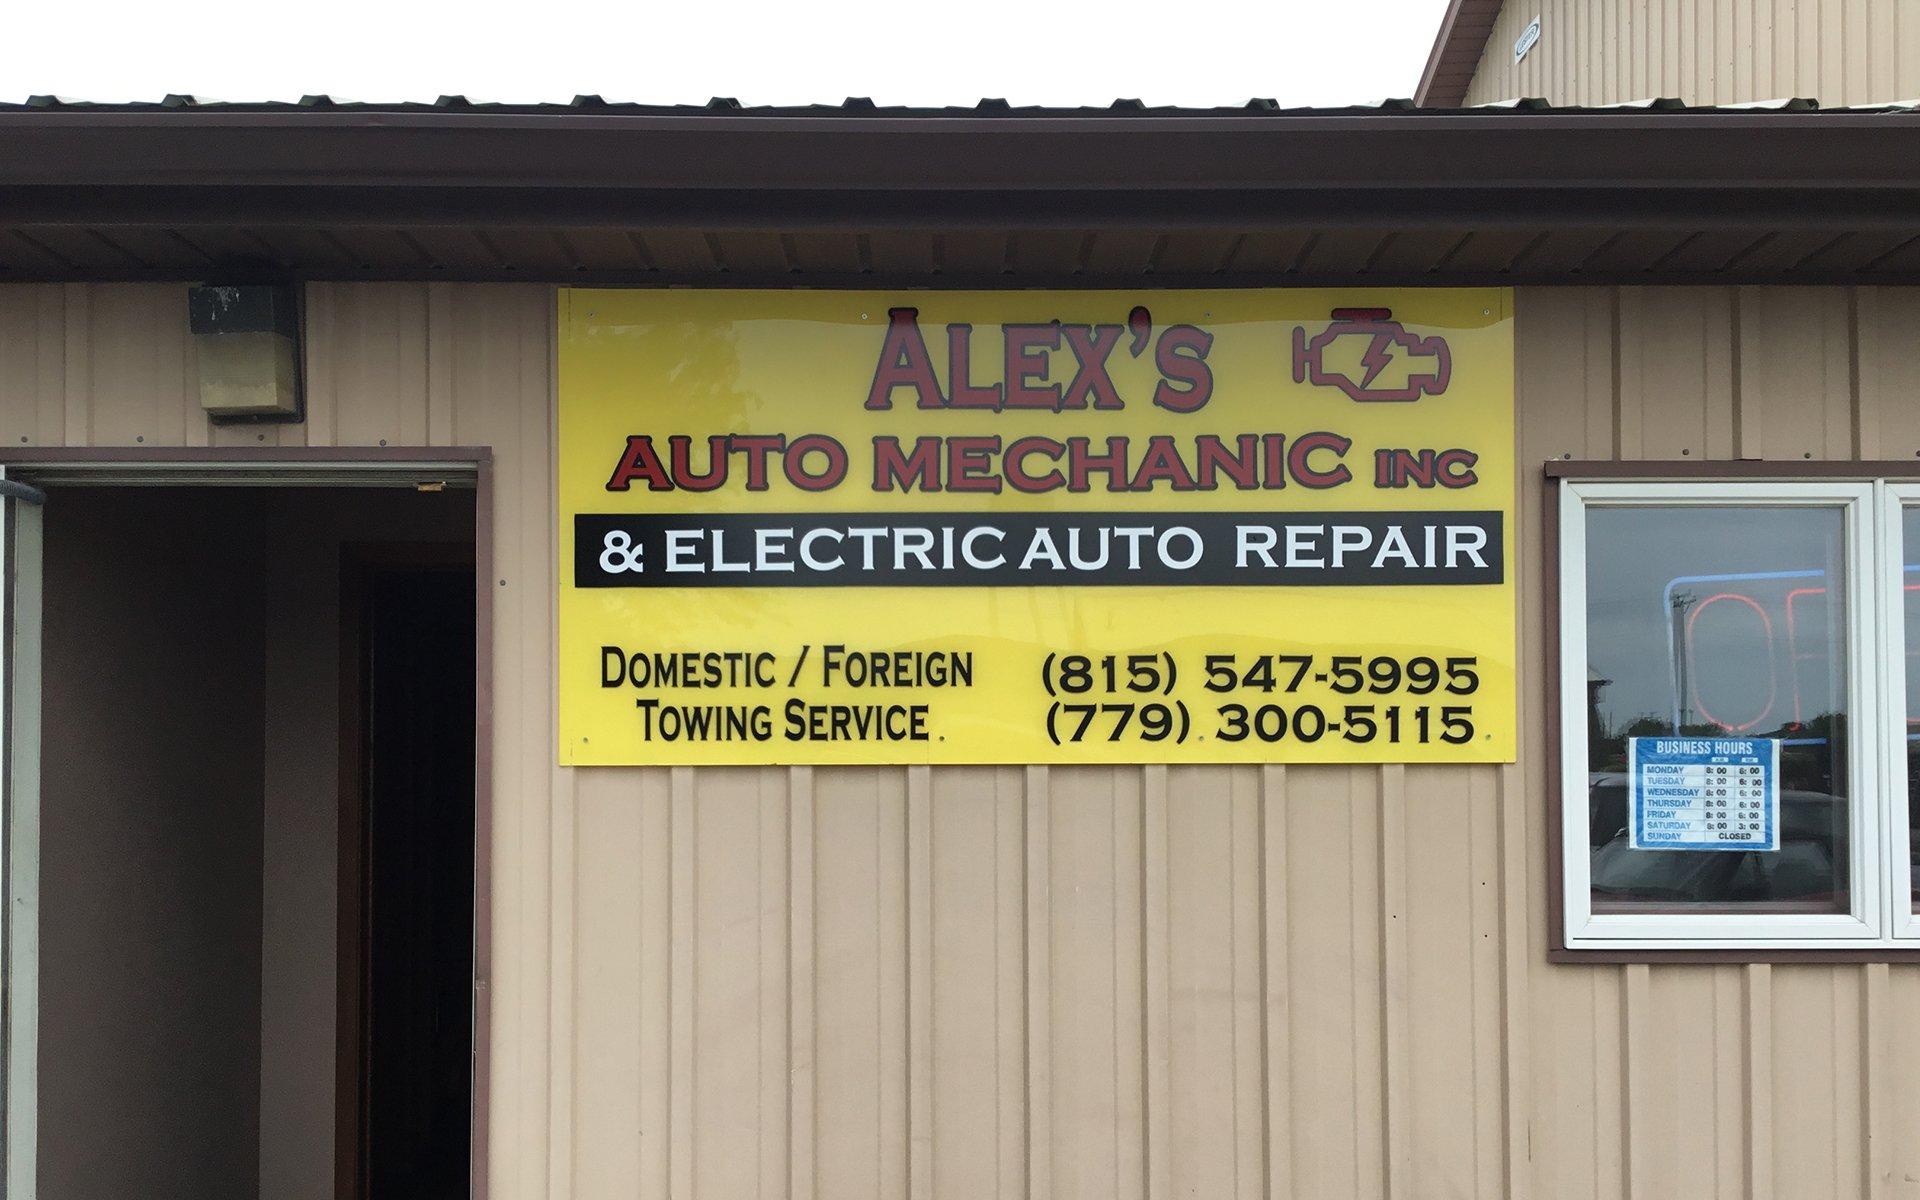 Alex's Auto Shop